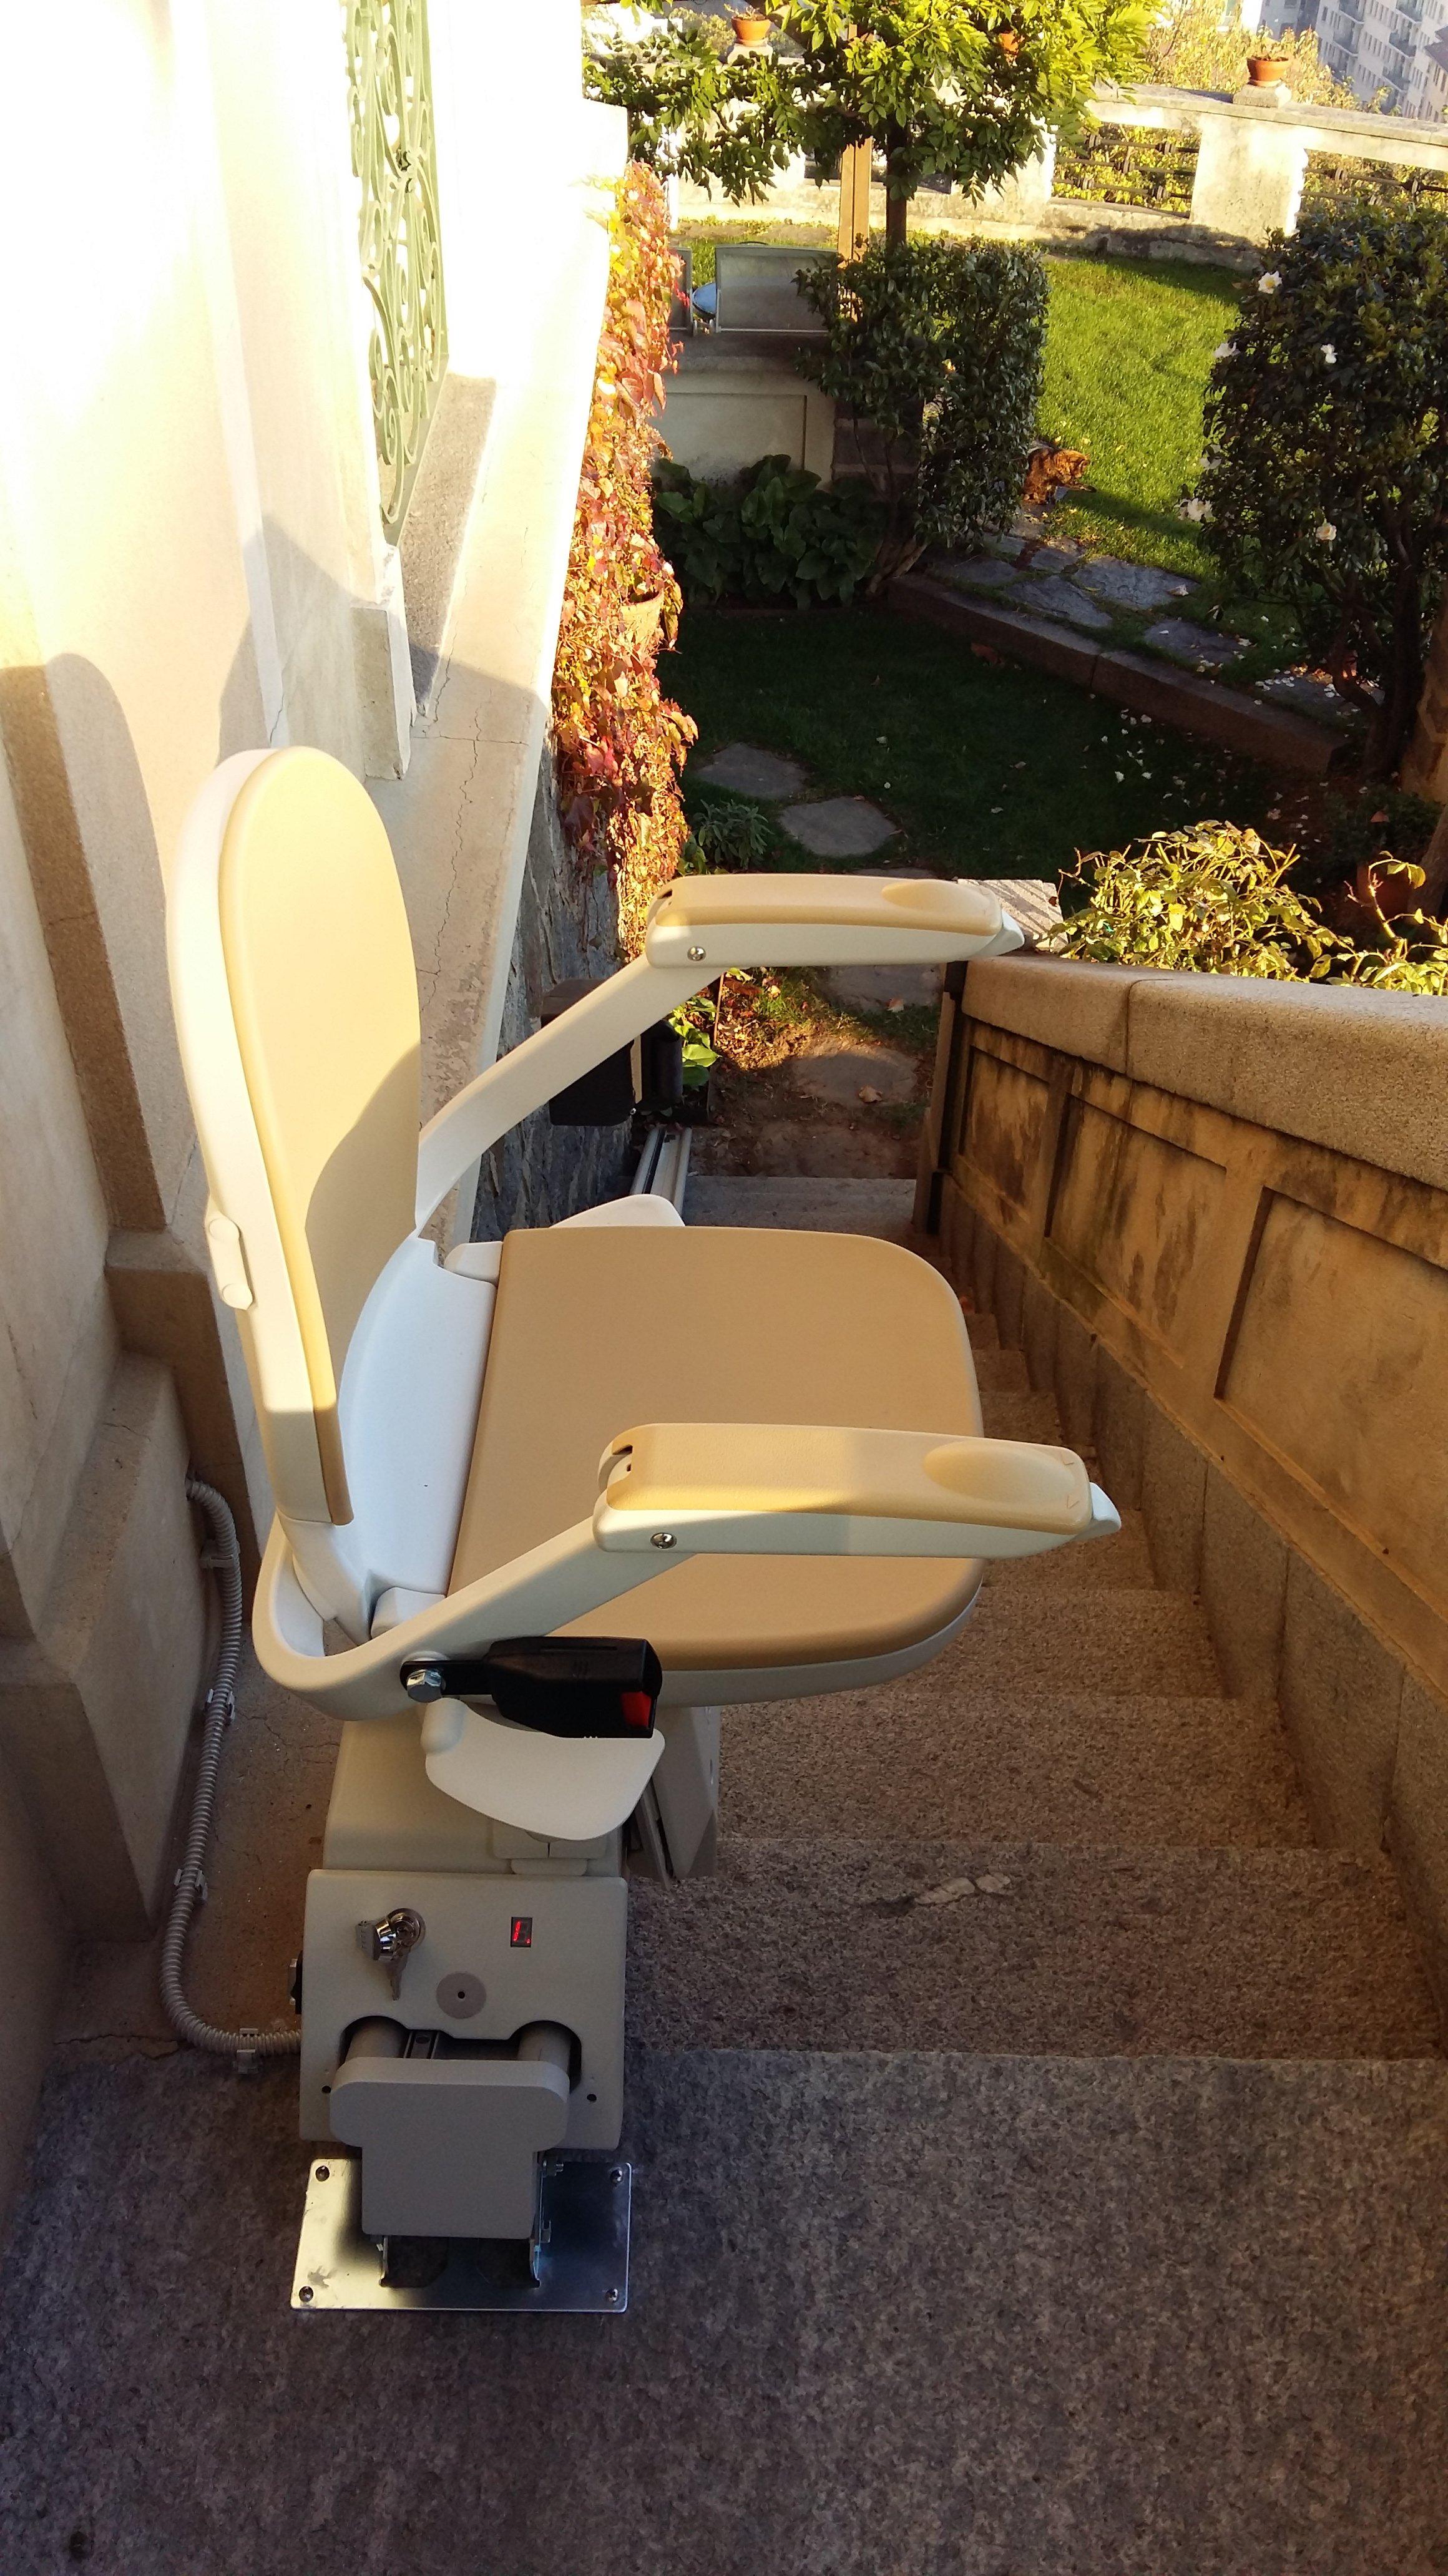 montescale per disabili con sedia e poggia braccia aperti